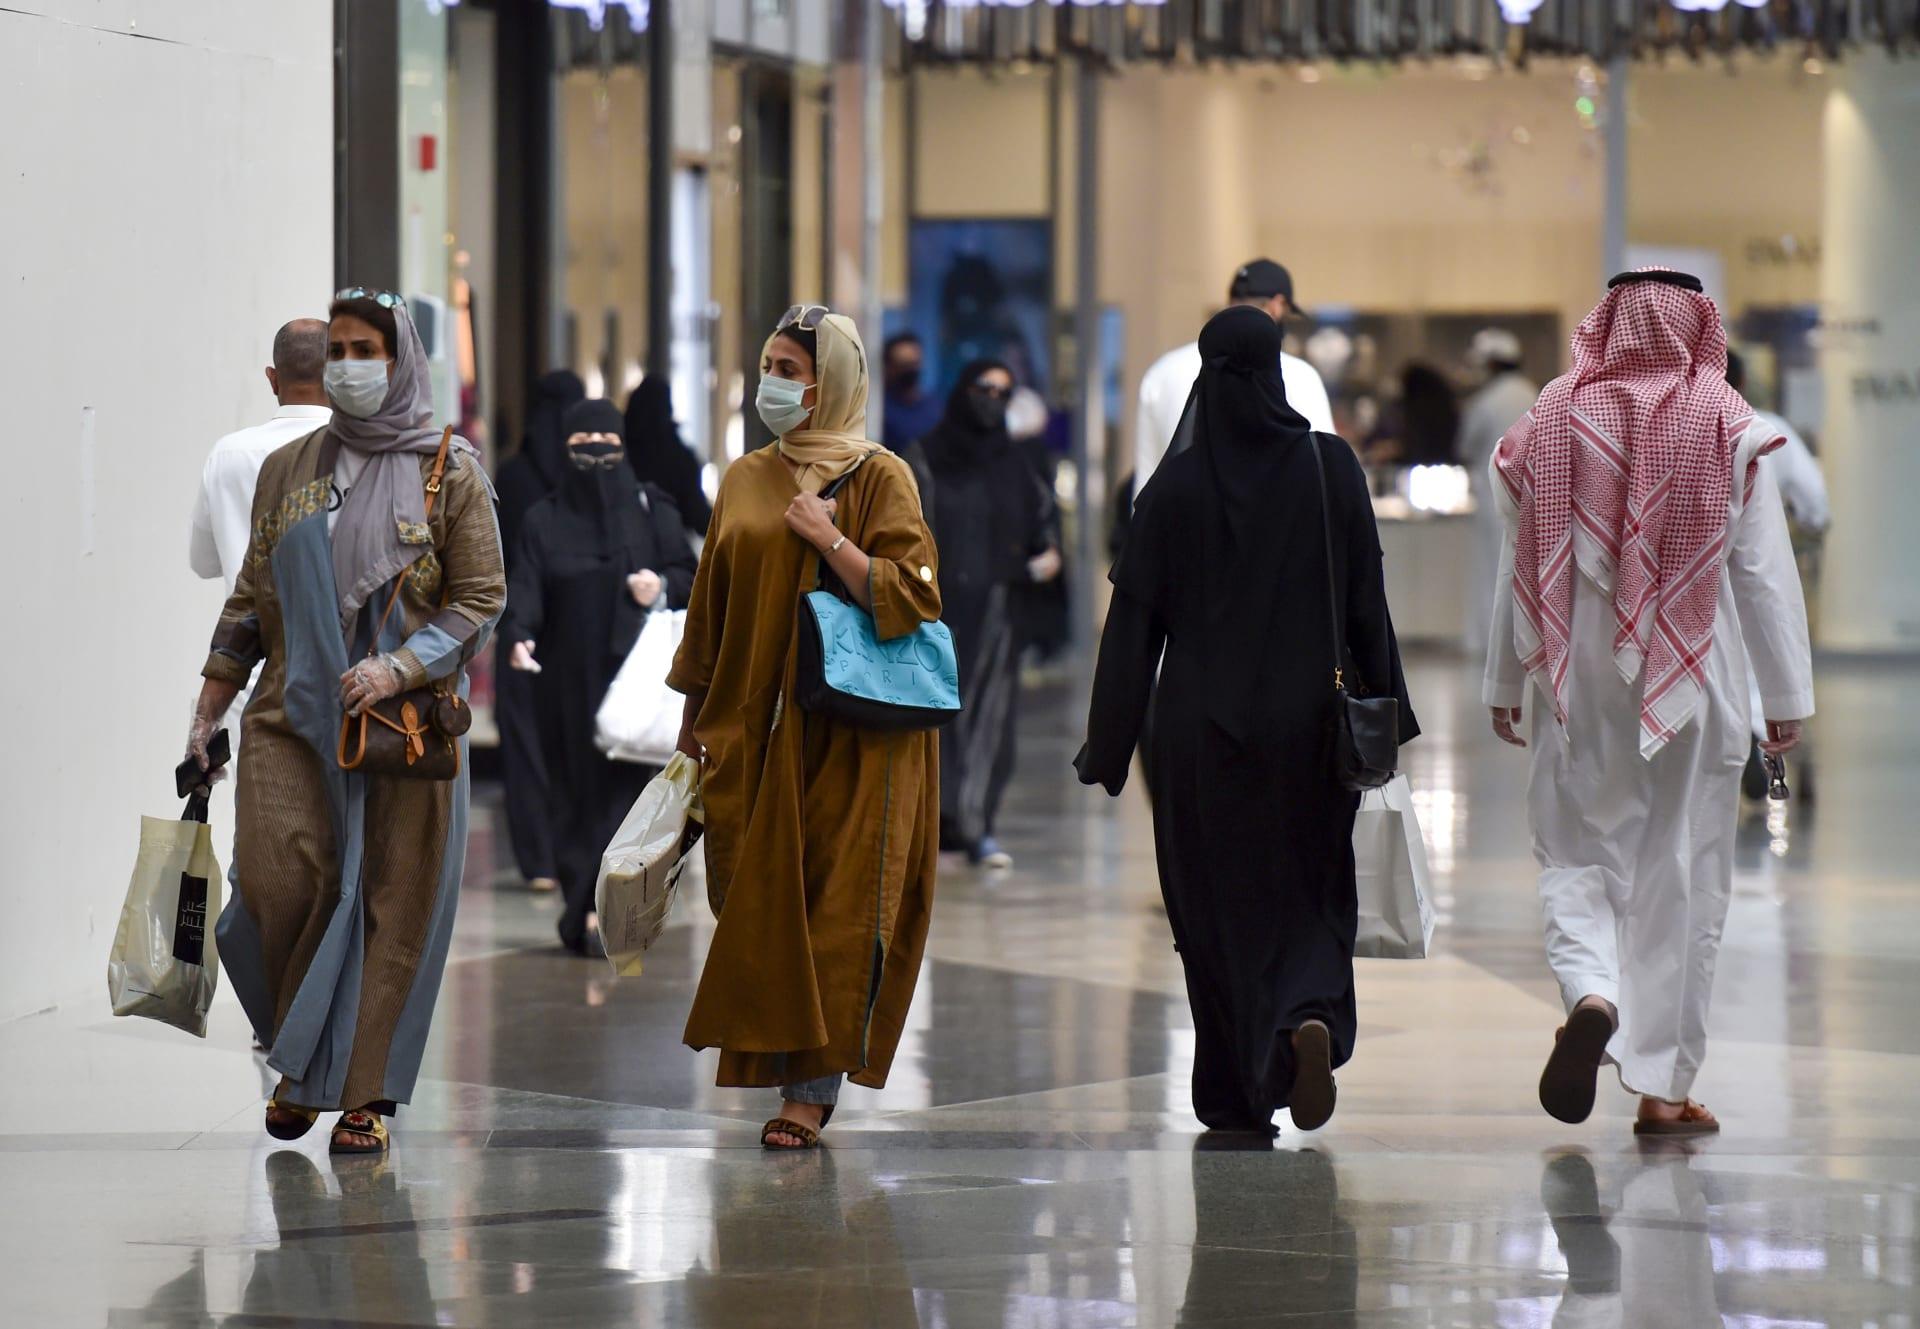 عوديون يتسوقون في بانوراما مول بالعاصمة الرياض في 22 مايو 2020، حيث يستعد المسلمون للاحتفال بعيد الفطر القادم، الذي يصادف نهاية شهر رمضان